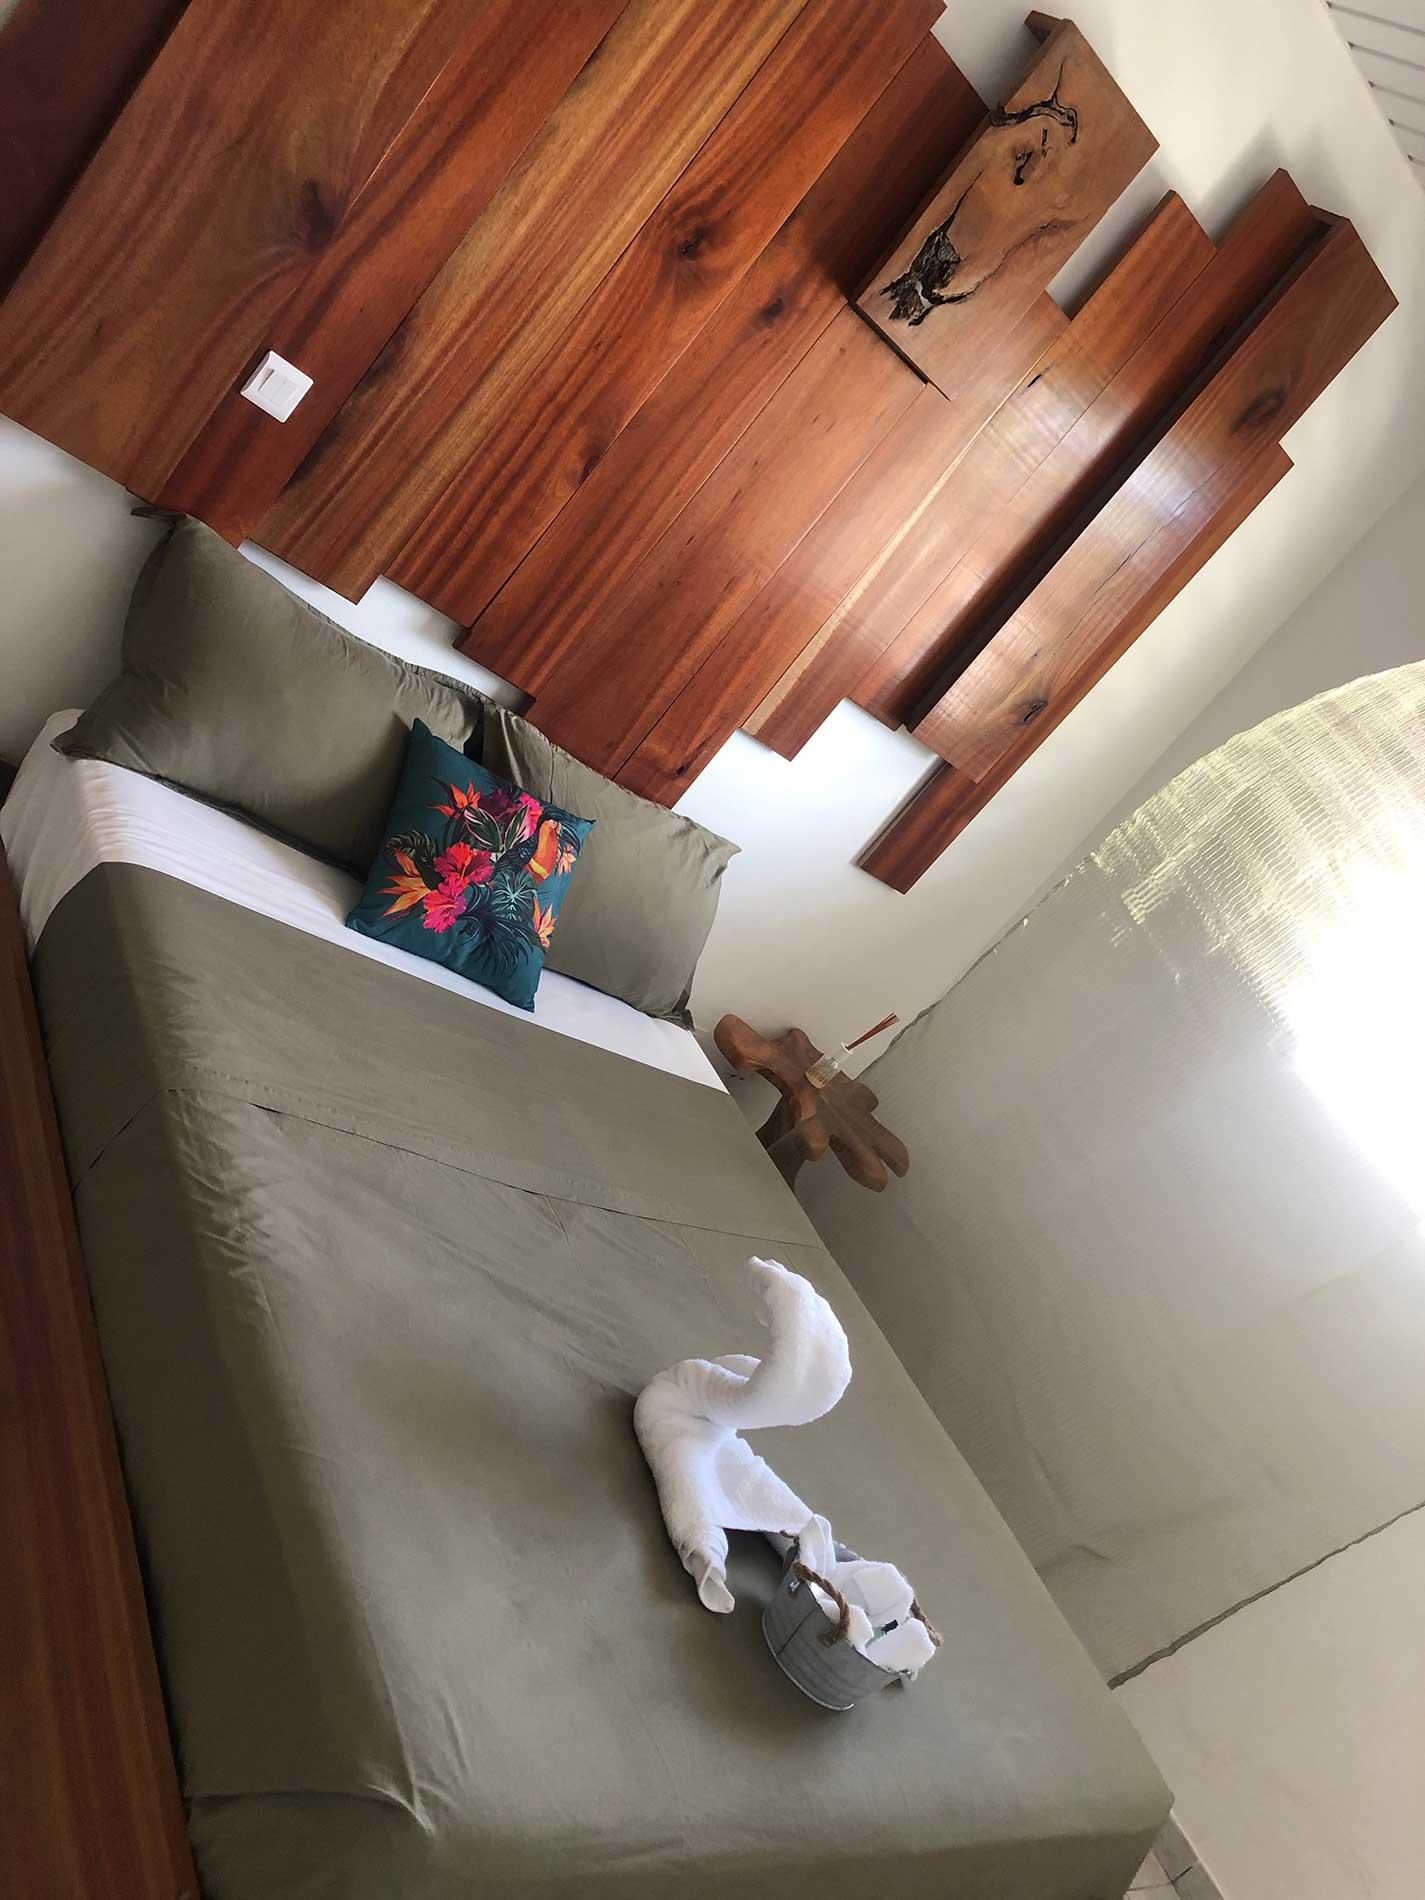 Tête de lit artisanale faite en bois coeur dehors avec un éclairage indirect accessible depuis le lit. Le lit 140x190 et ses coussins modulables.